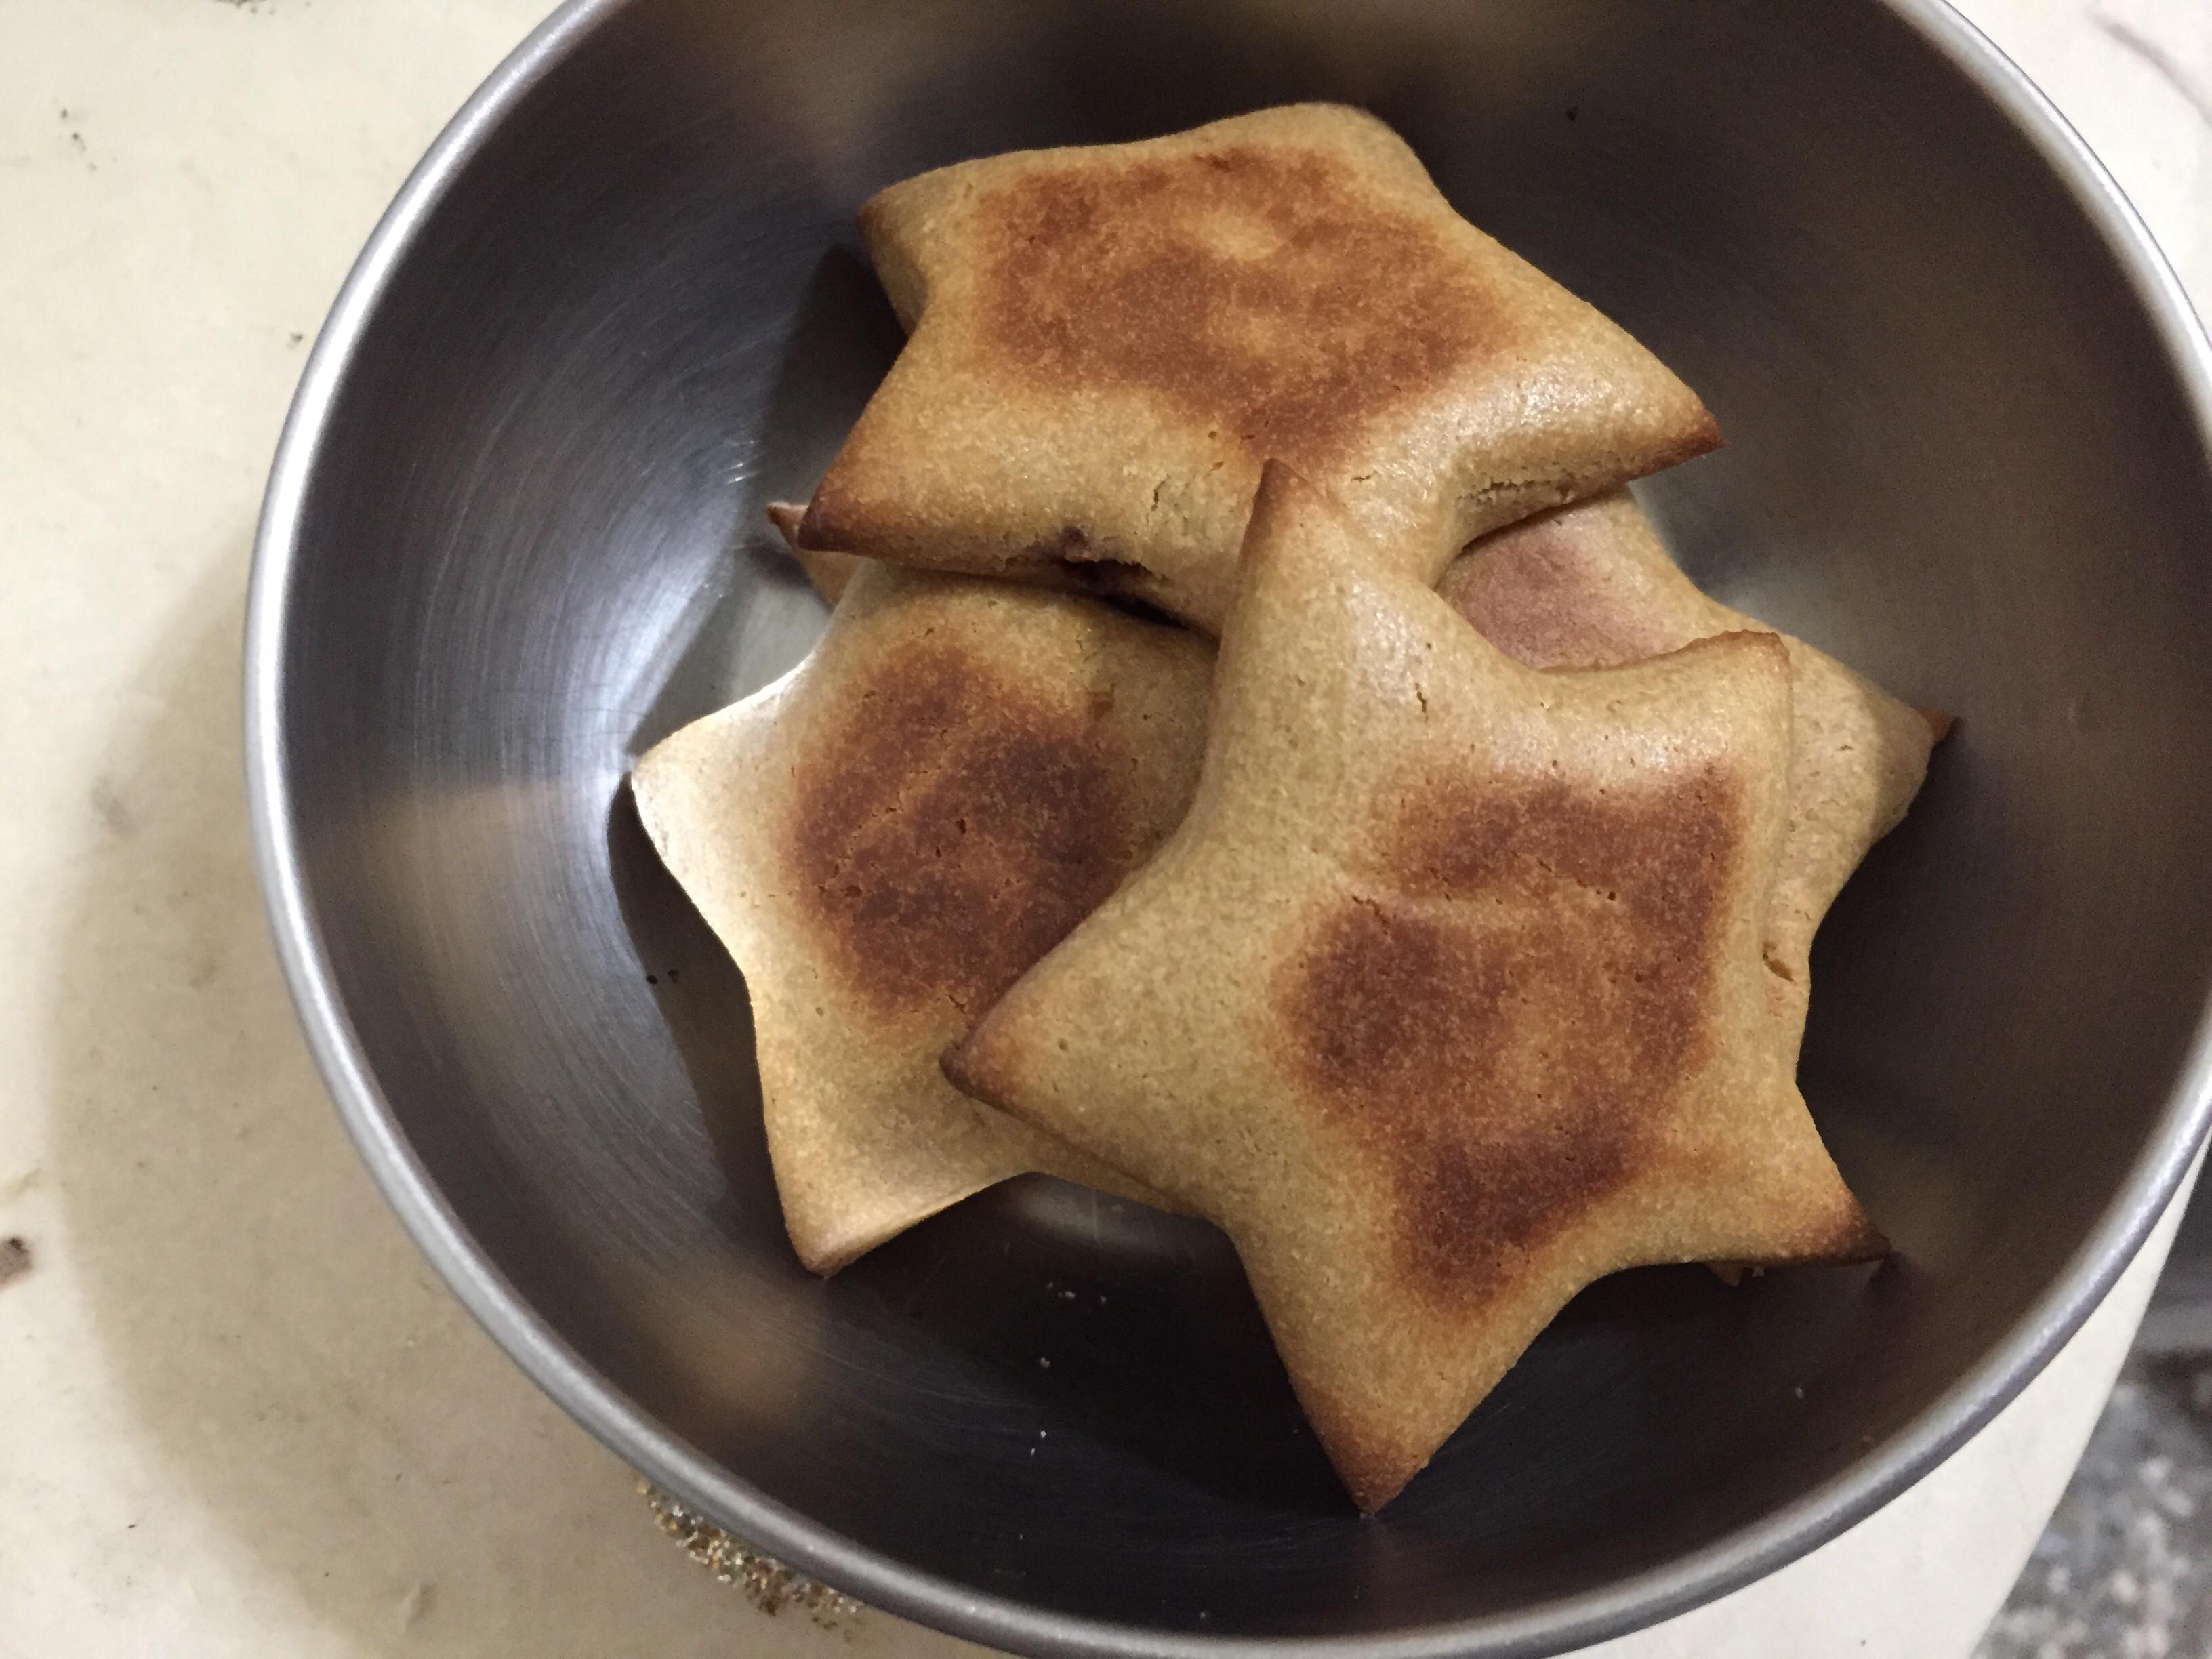 [Hawk媽私房菜] 小烤箱餅乾